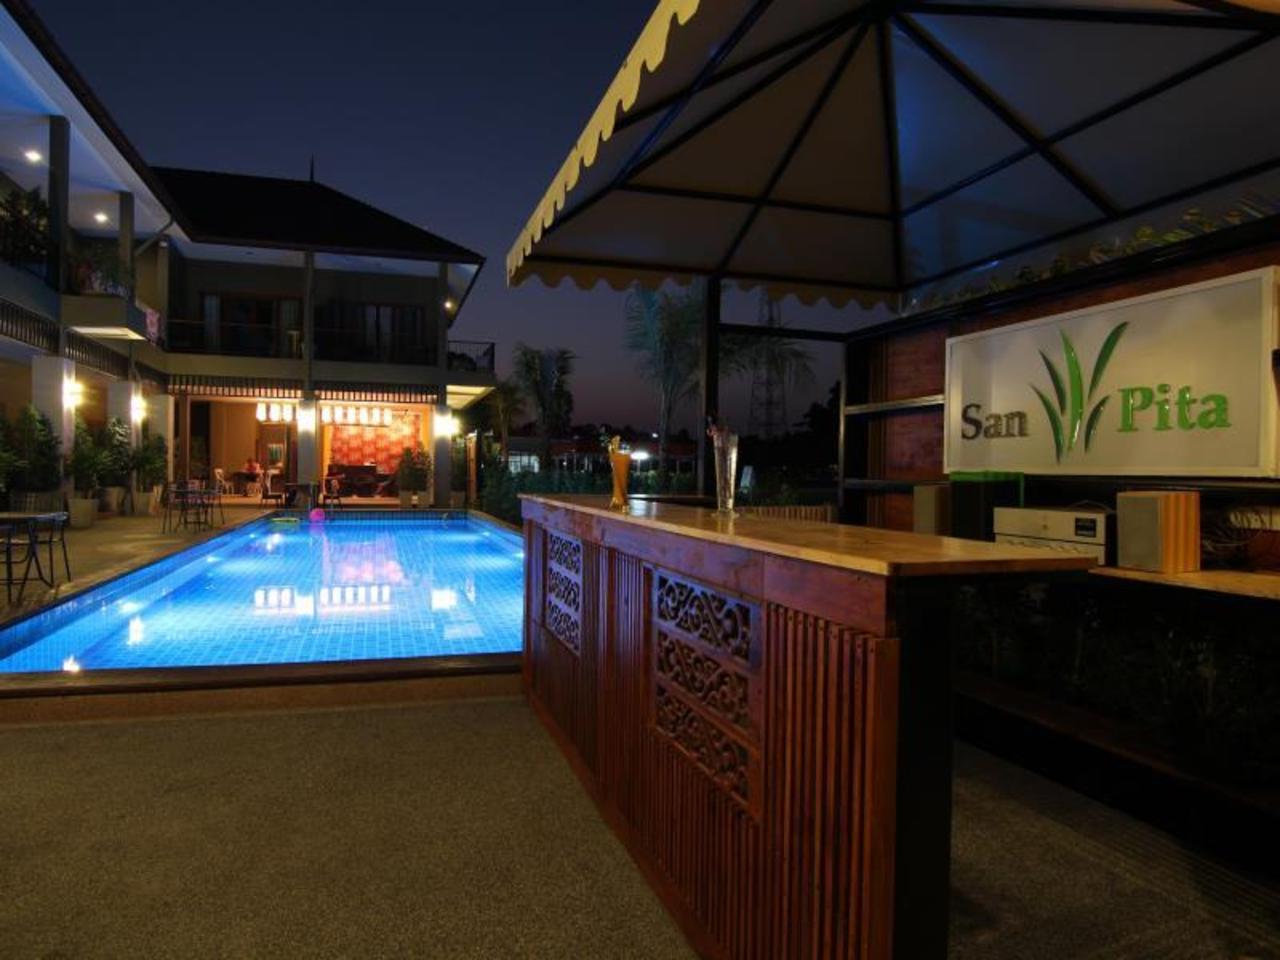 ซาน ปิตา รีสอร์ท (San Pita Resort)